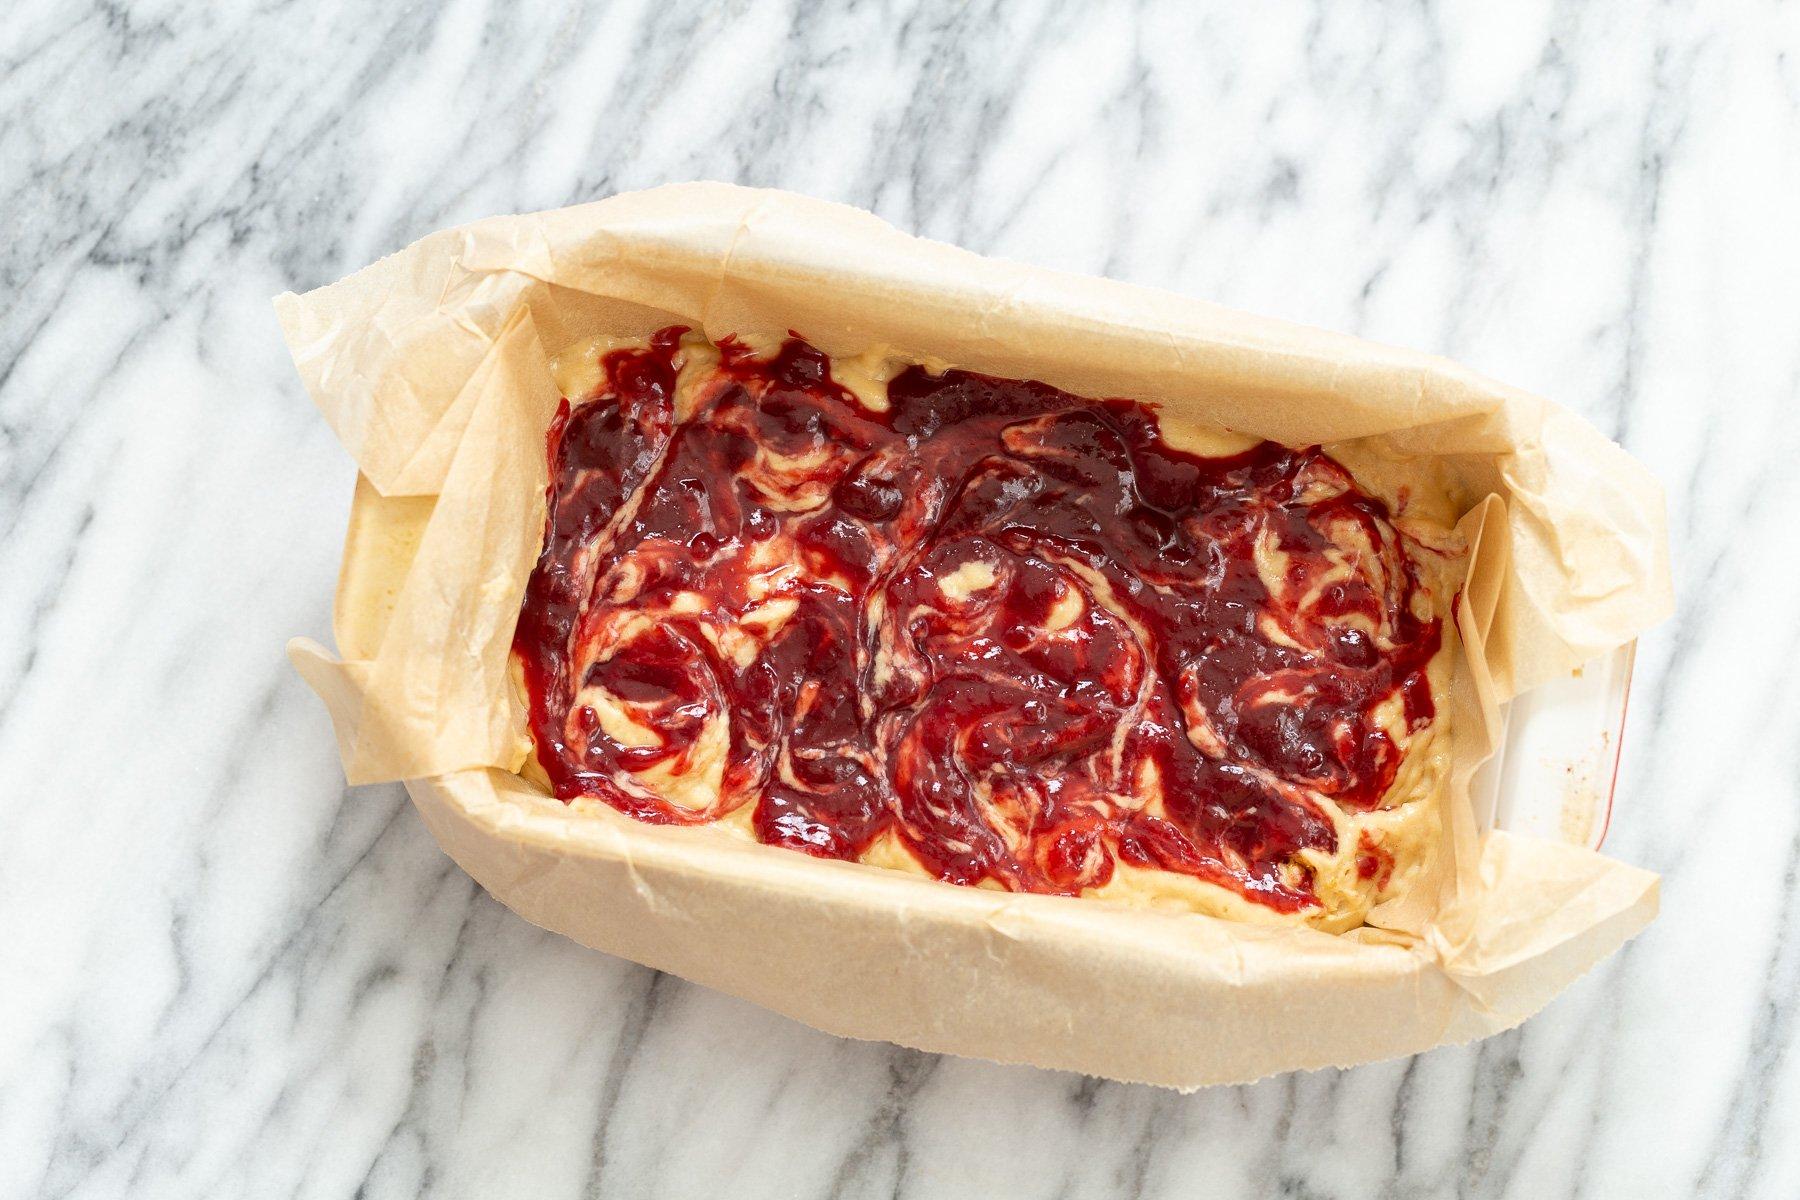 geléia de framboesa sendo transformada em massa de bolo de manteiga de amendoim